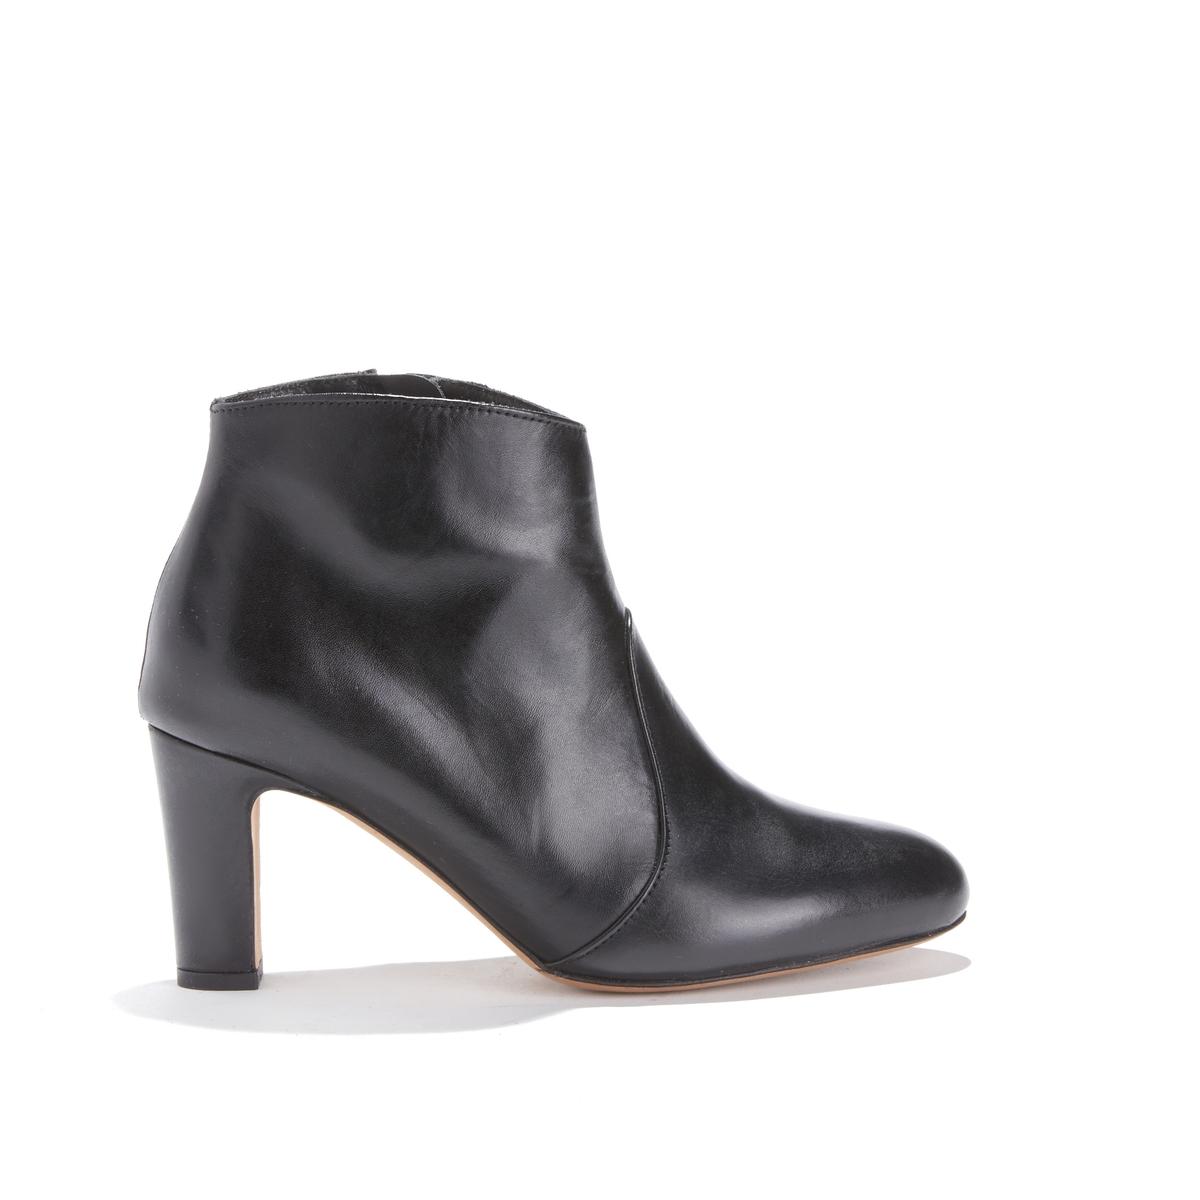 Ботильоны из кожи на высоком каблуке LA CACHOTIÈRE цены онлайн